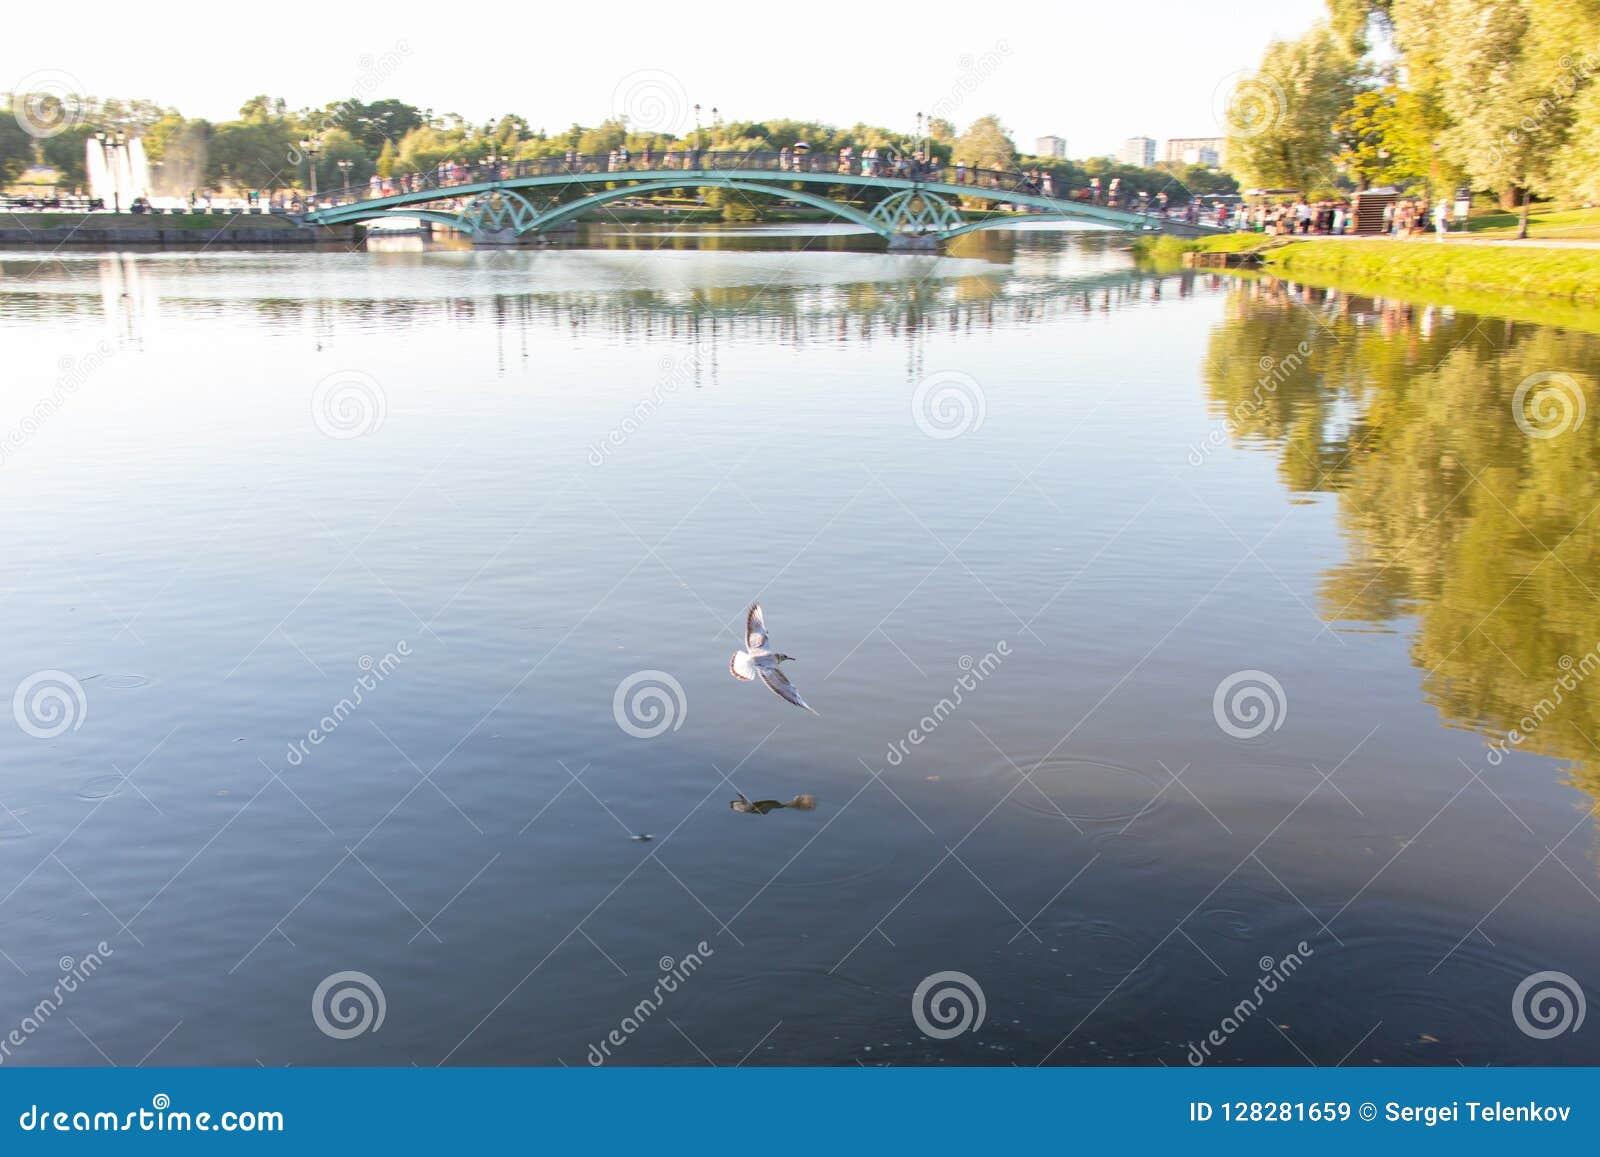 Witte meeuwvliegen over het water Grote vijver met een brug, mensengang langs de brug Fontein op het eiland